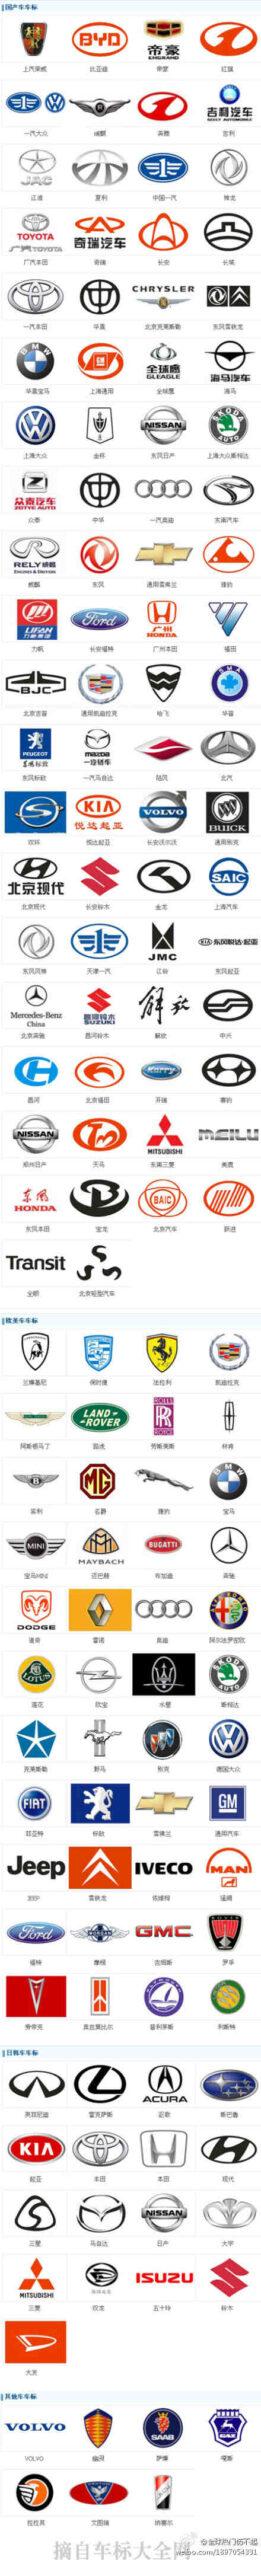 Quelles sont les marques de voitures coréennes?